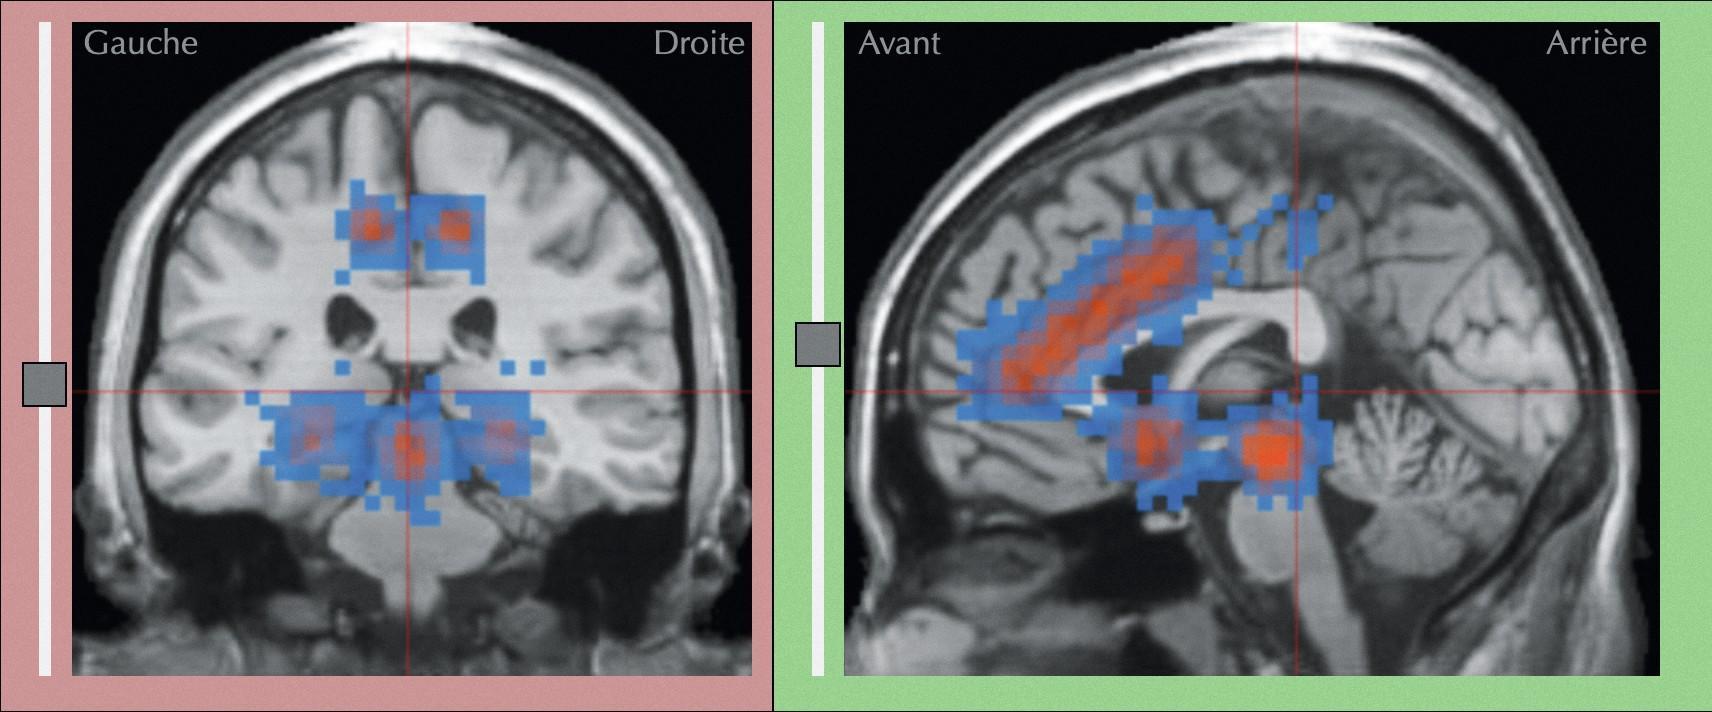 Cerveau d'un sujet recevant des caresses sexuelles observé en IRMf.